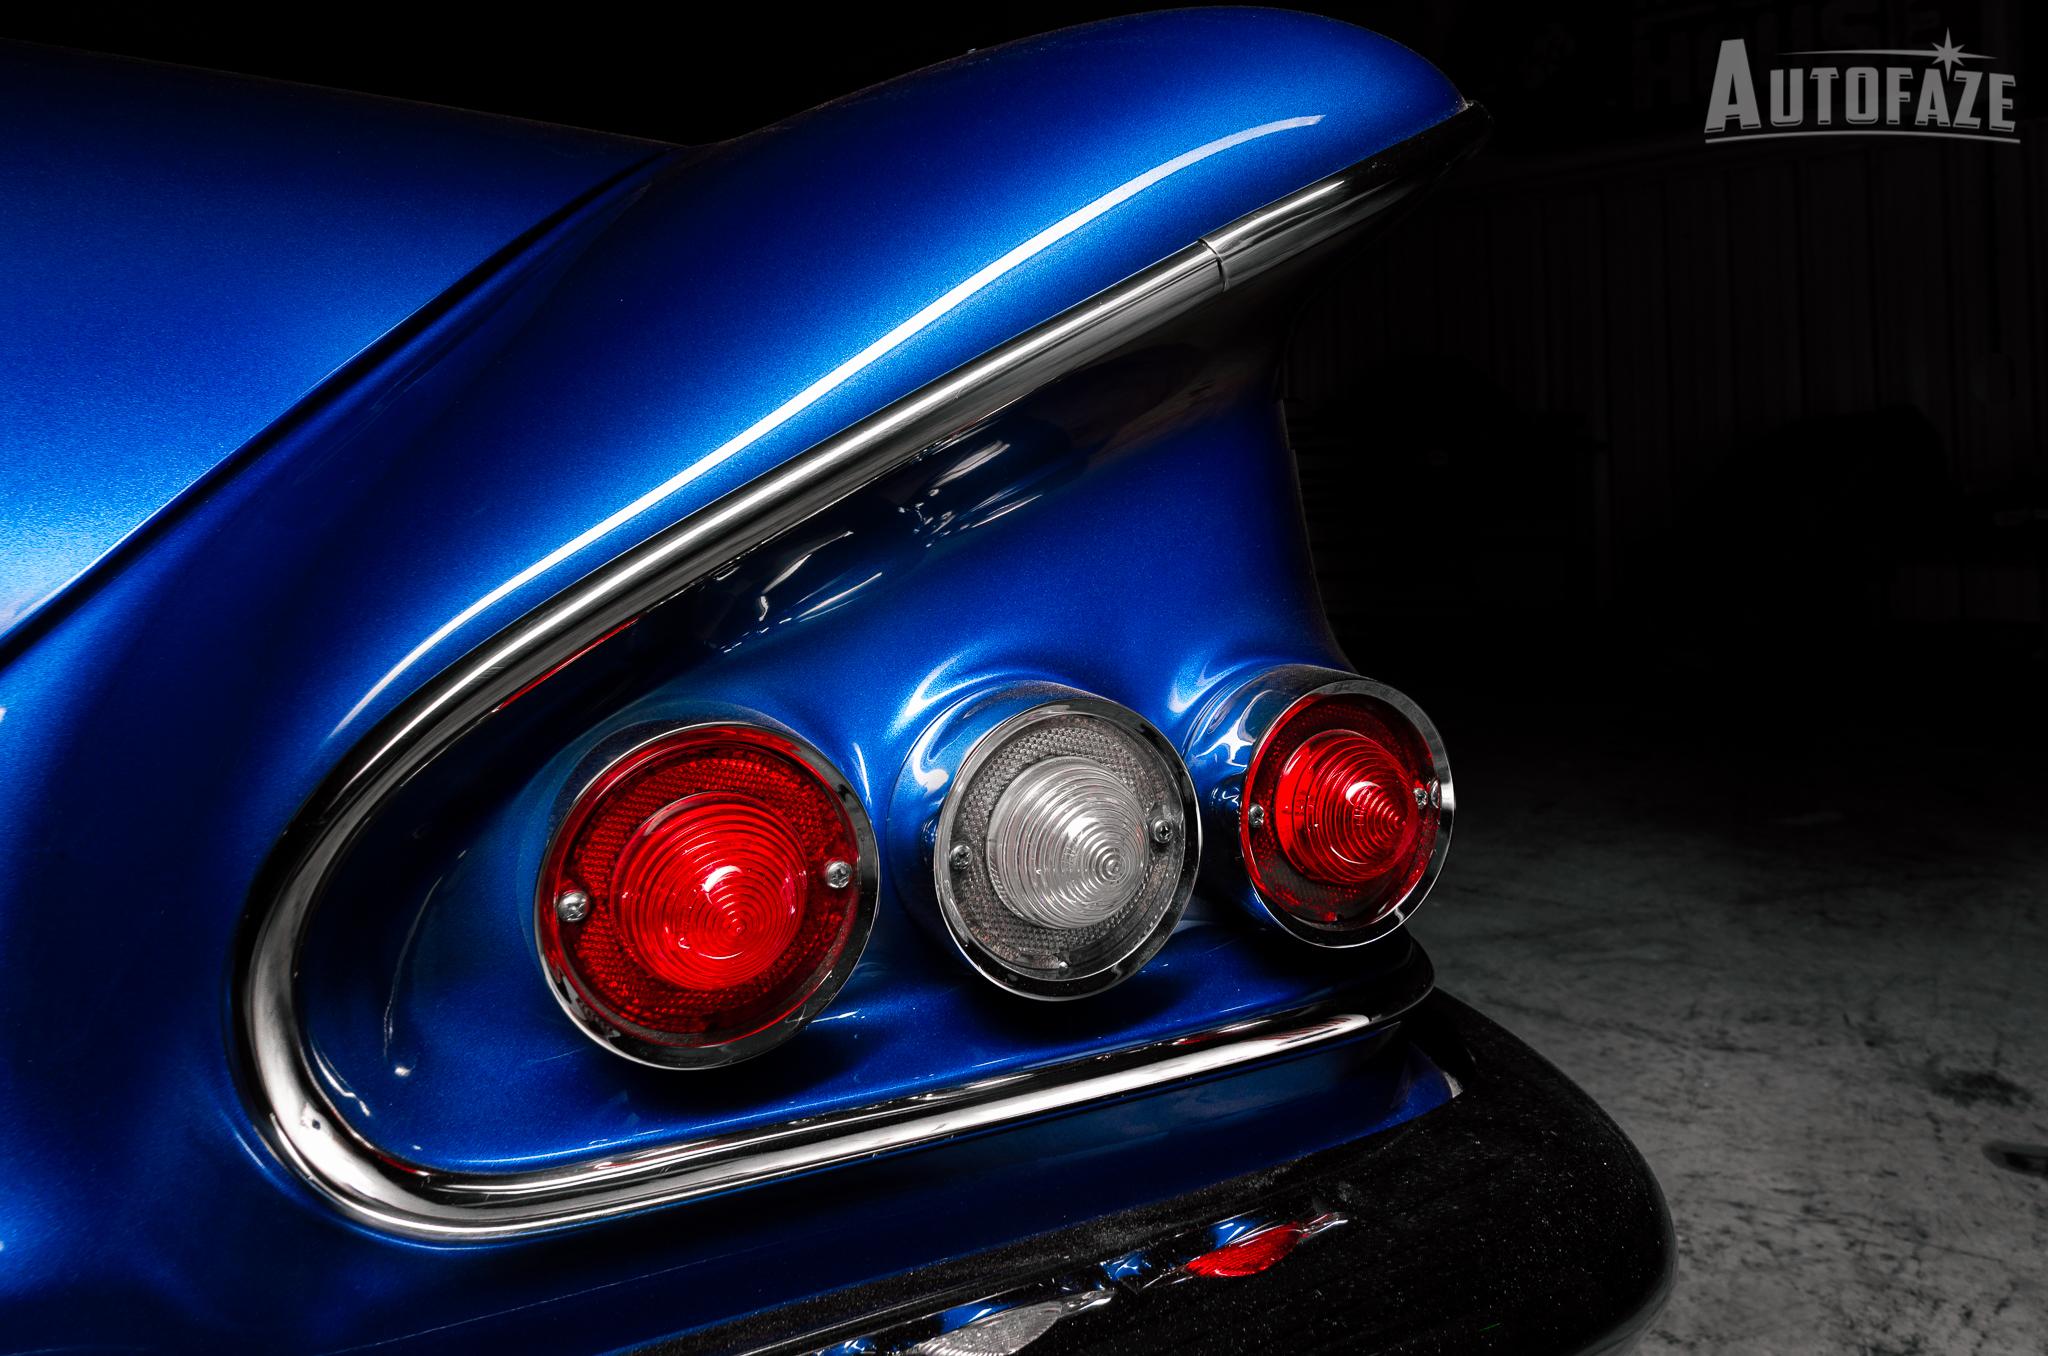 1958impalataillight.jpg